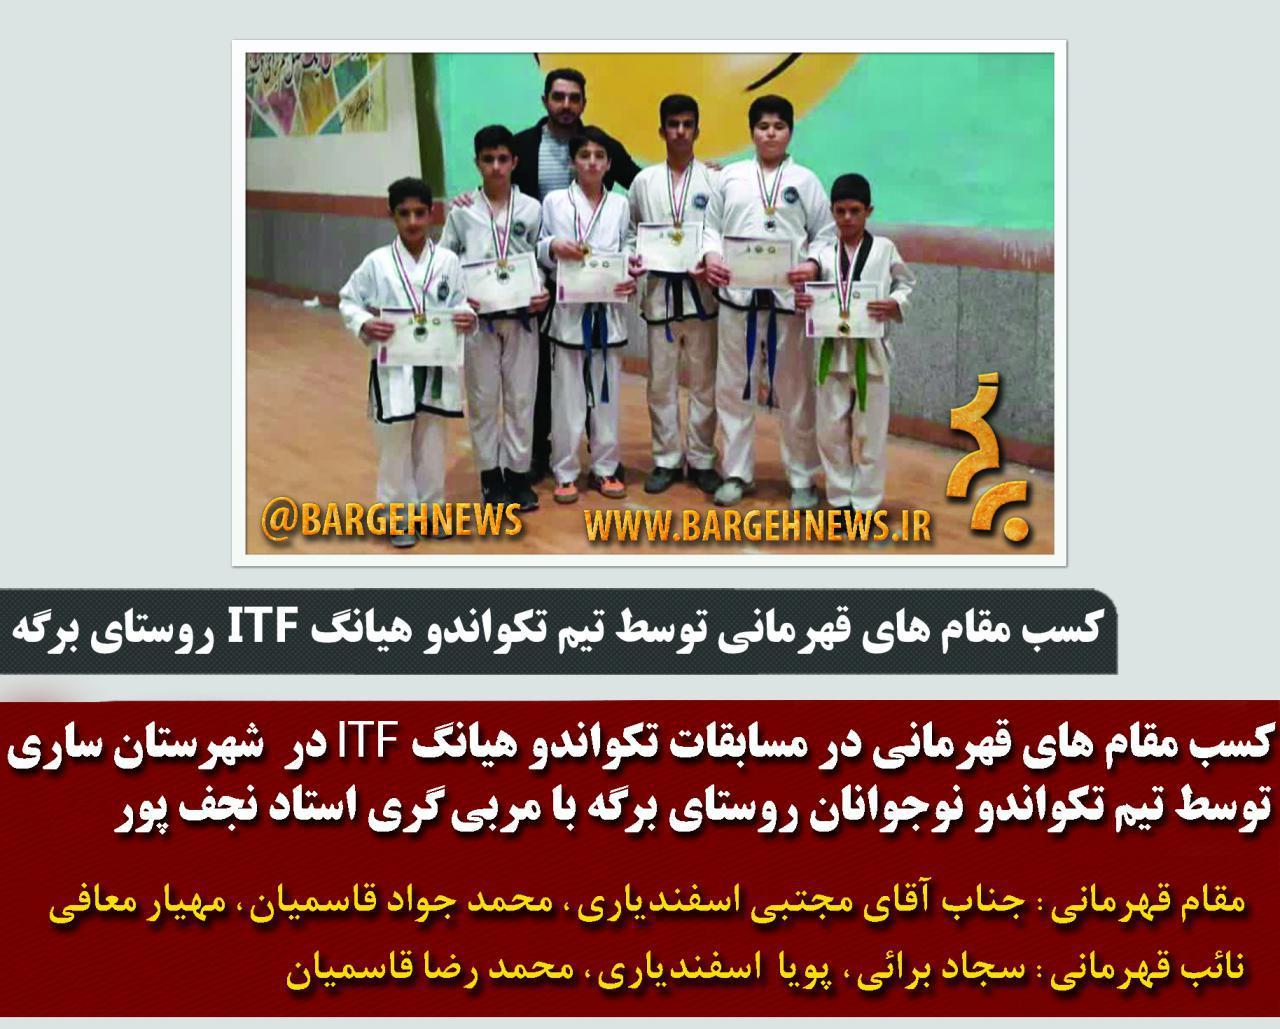 کسب مقام های قهرمانی توسط تیم تکواندو هیانگ ITF روستای برگه /عکس نوشته